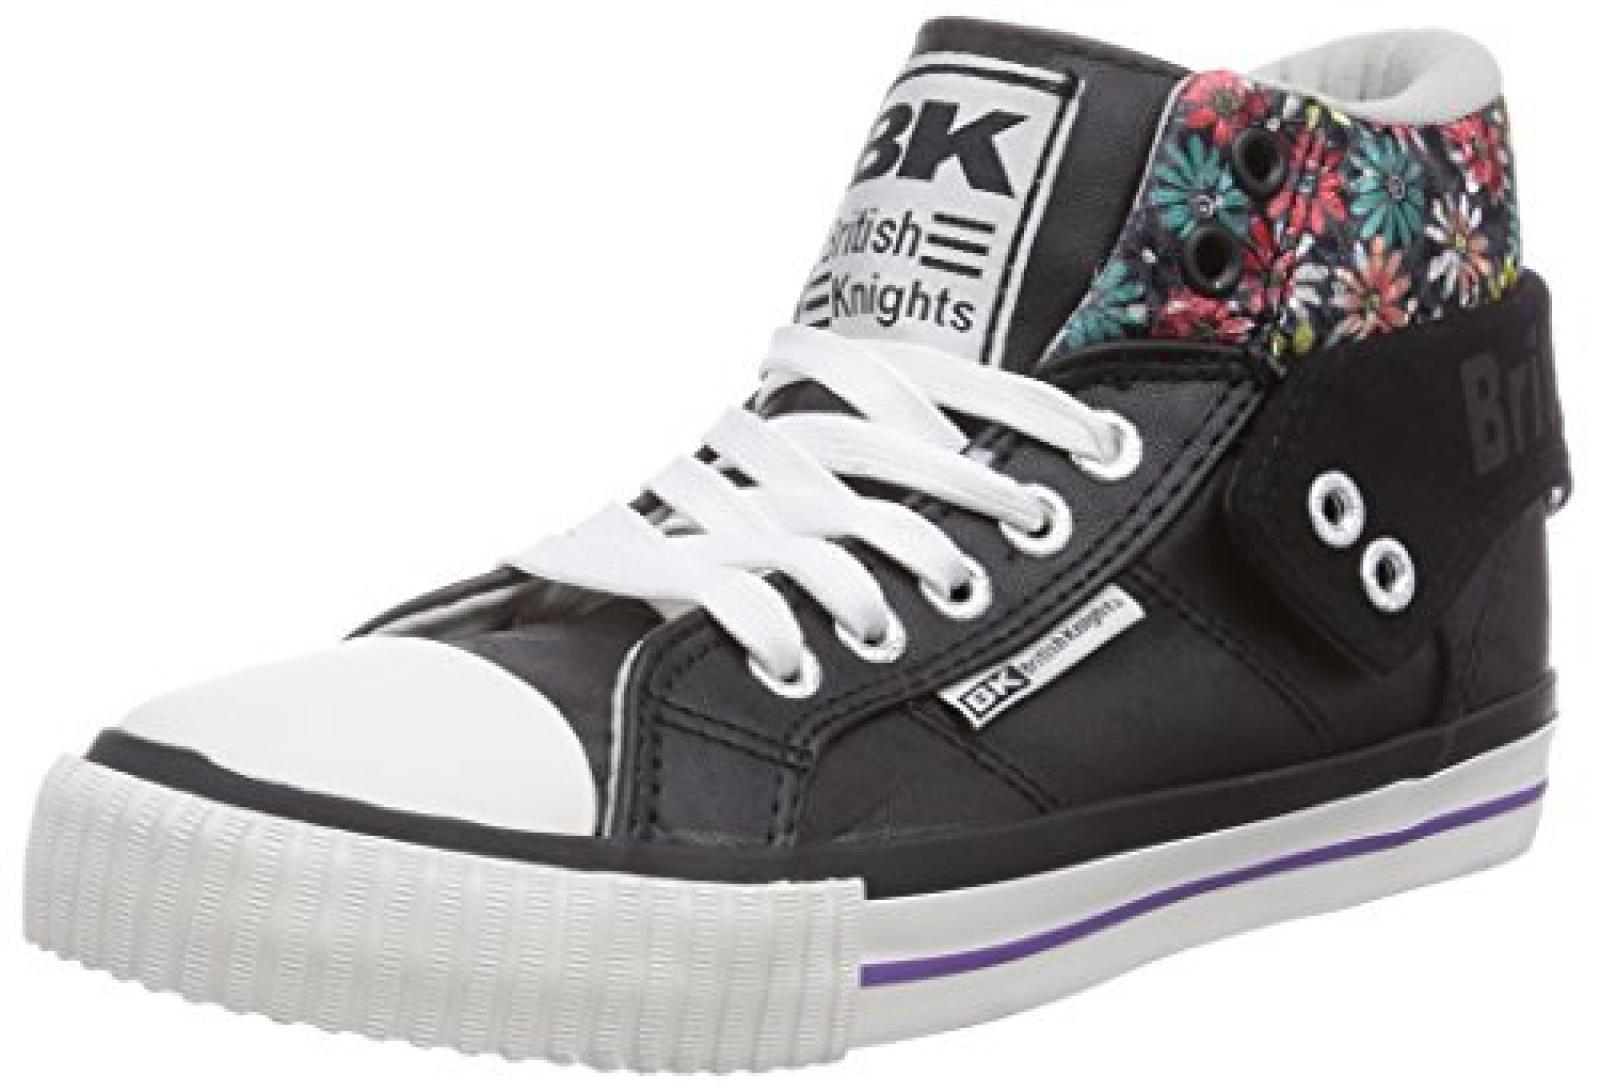 British Knights Roco Unisex-Erwachsene Hohe Sneakers